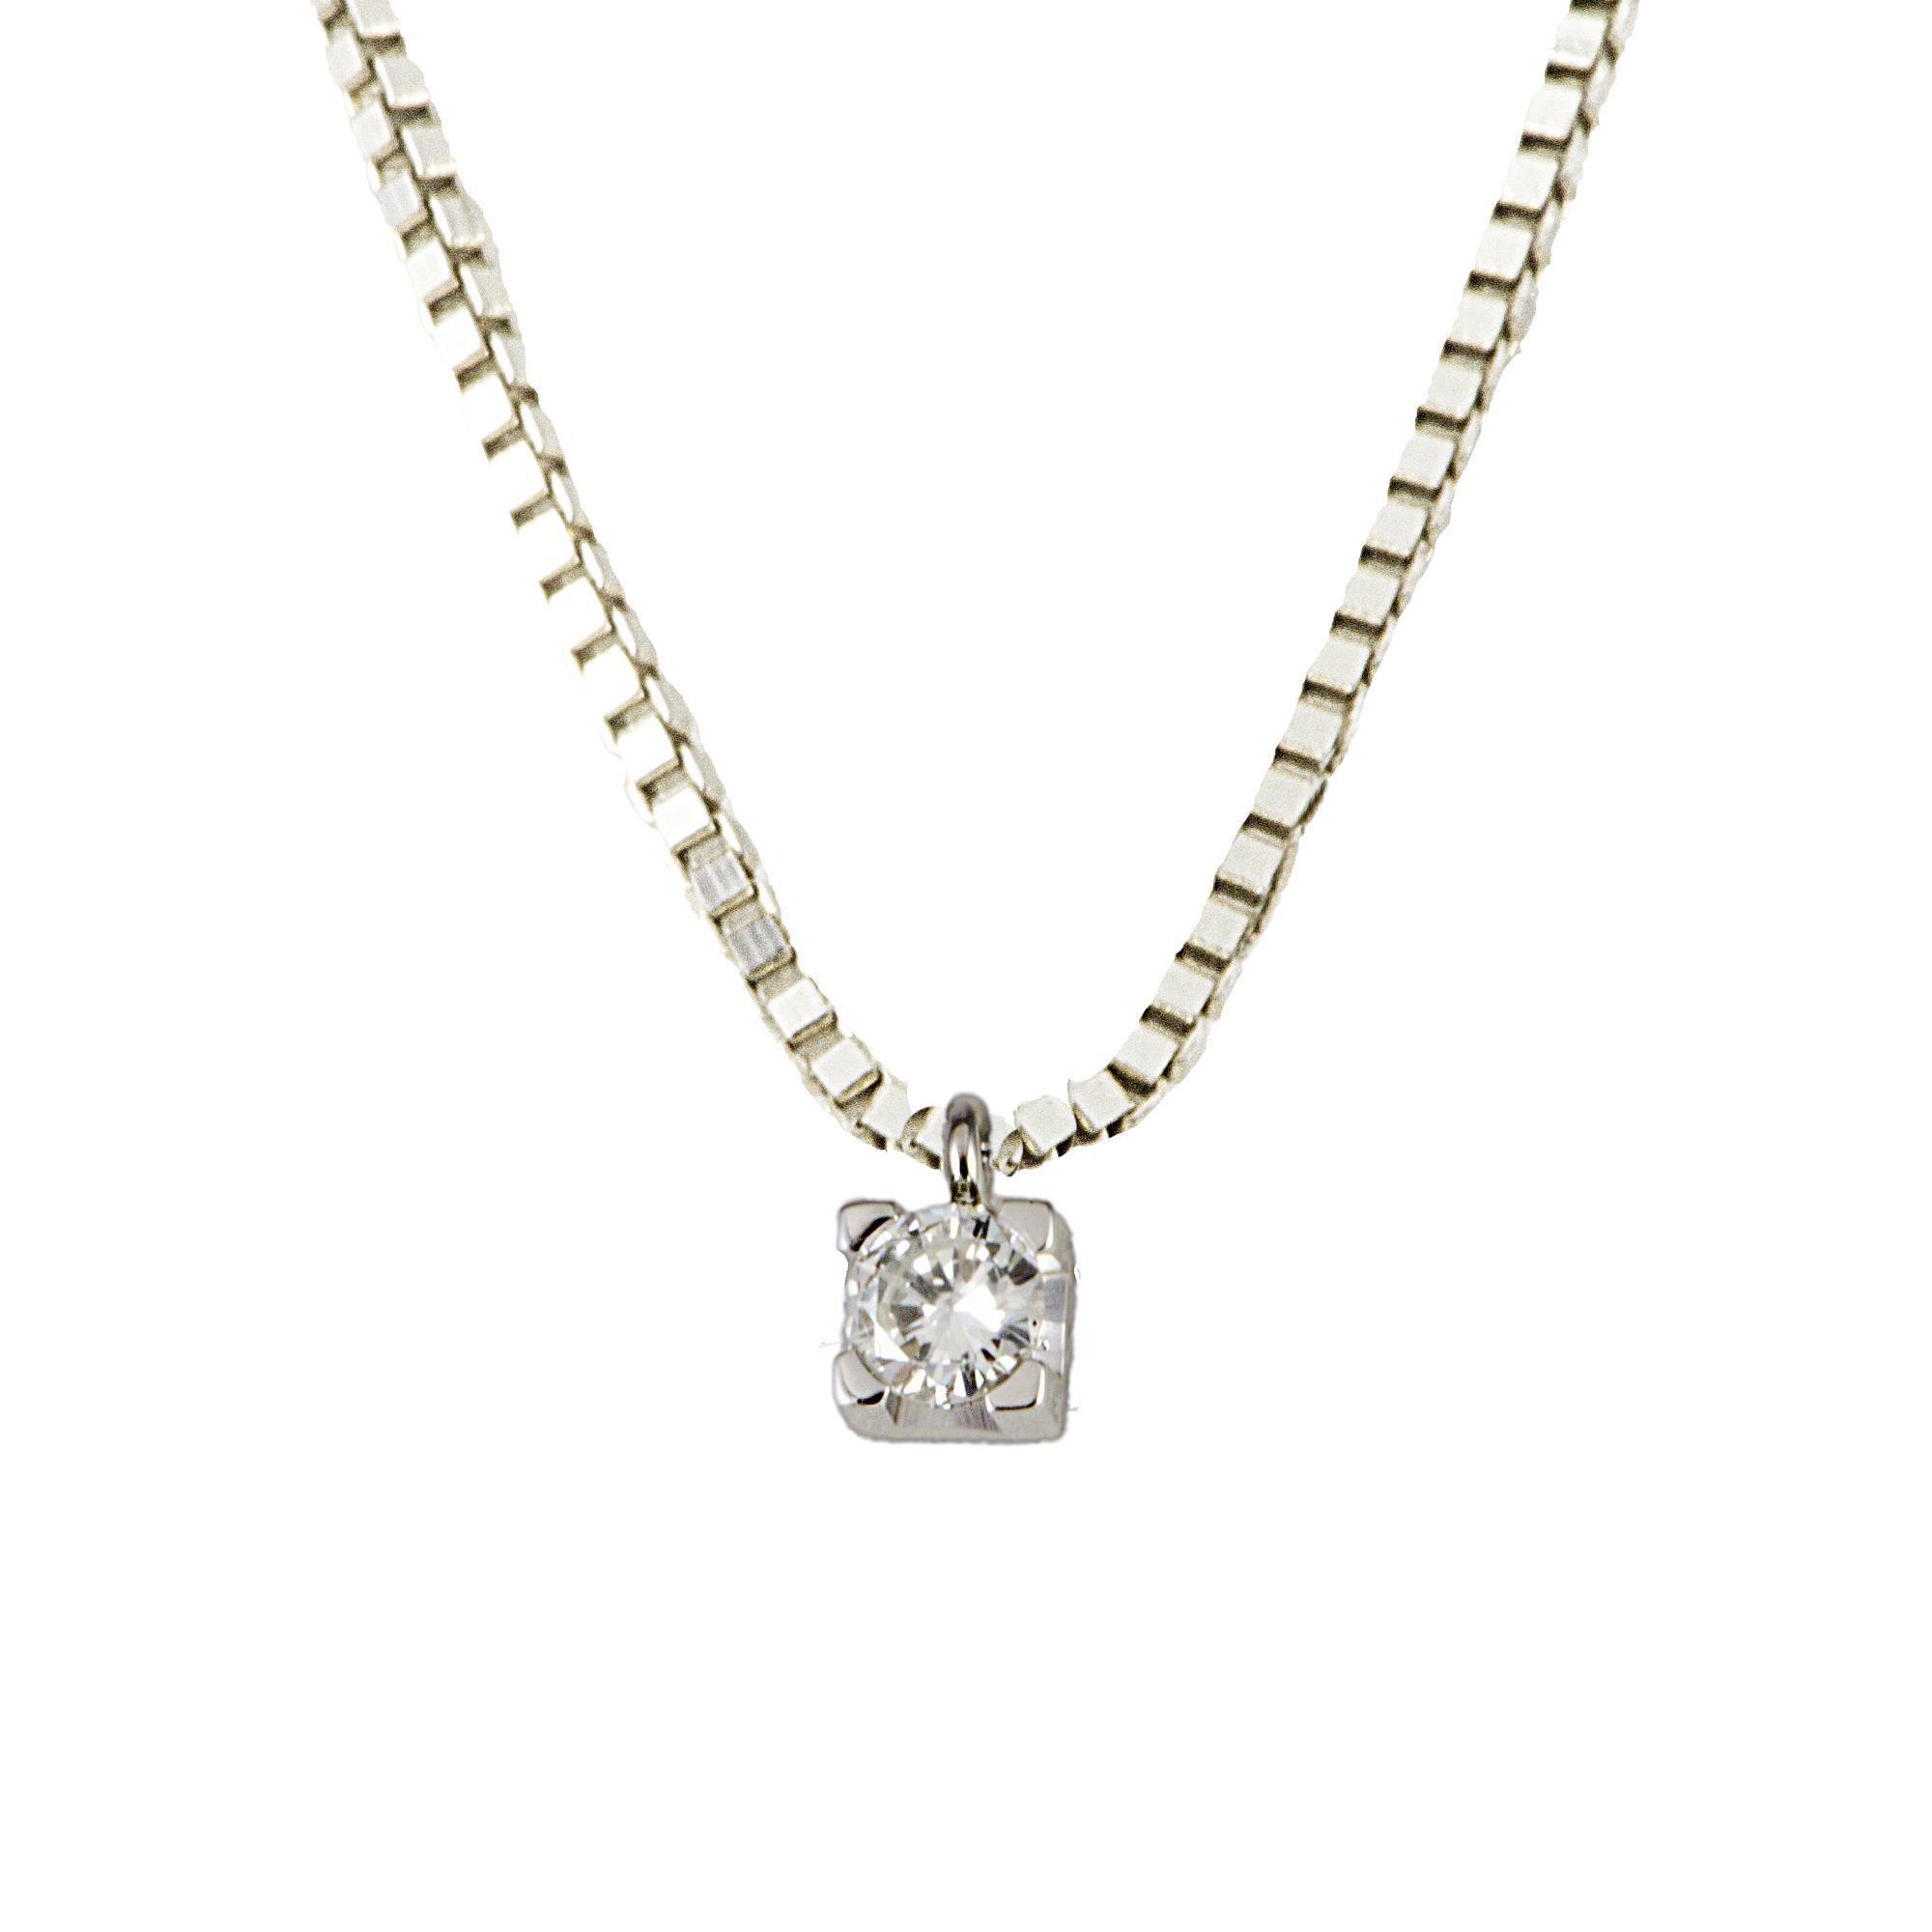 Collier Alfieri & St John in oro bianco e diamante ct 0,25 - ALFIERI ST JOHN